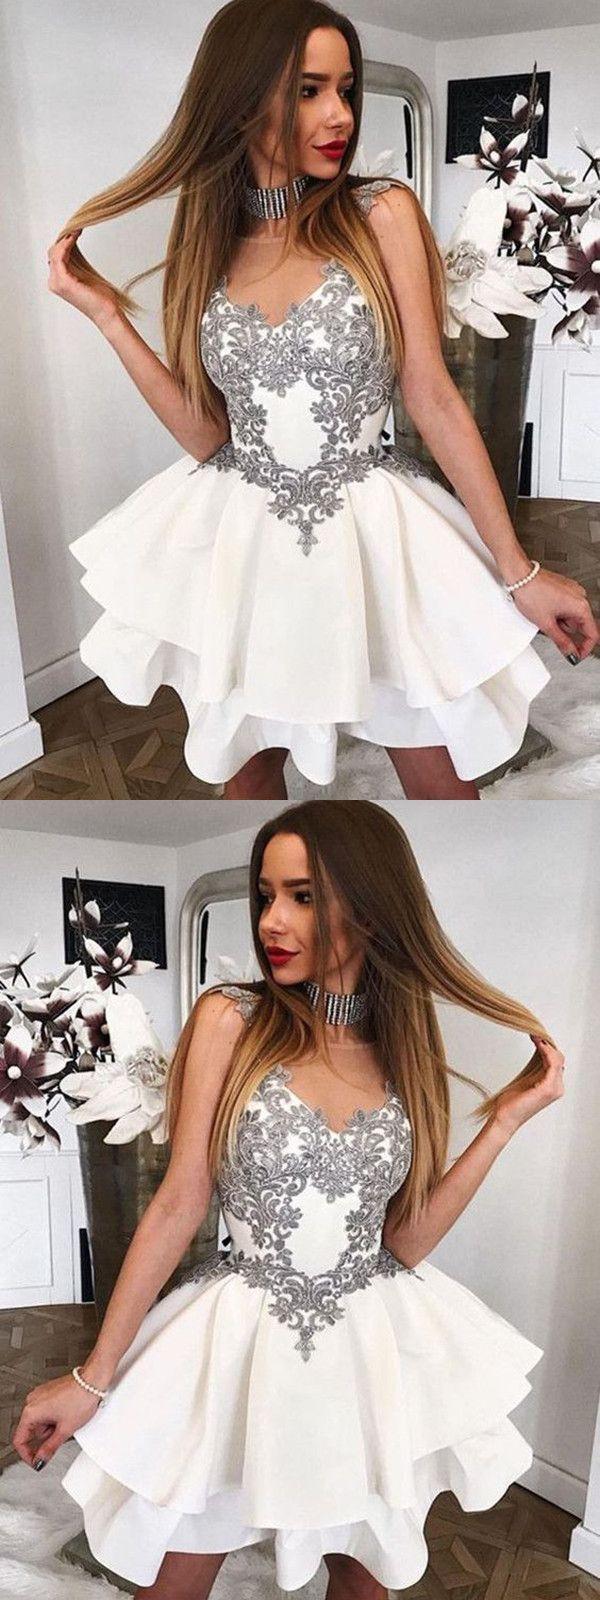 Prom dress shortprom dress modestprom dress simpleprom dress